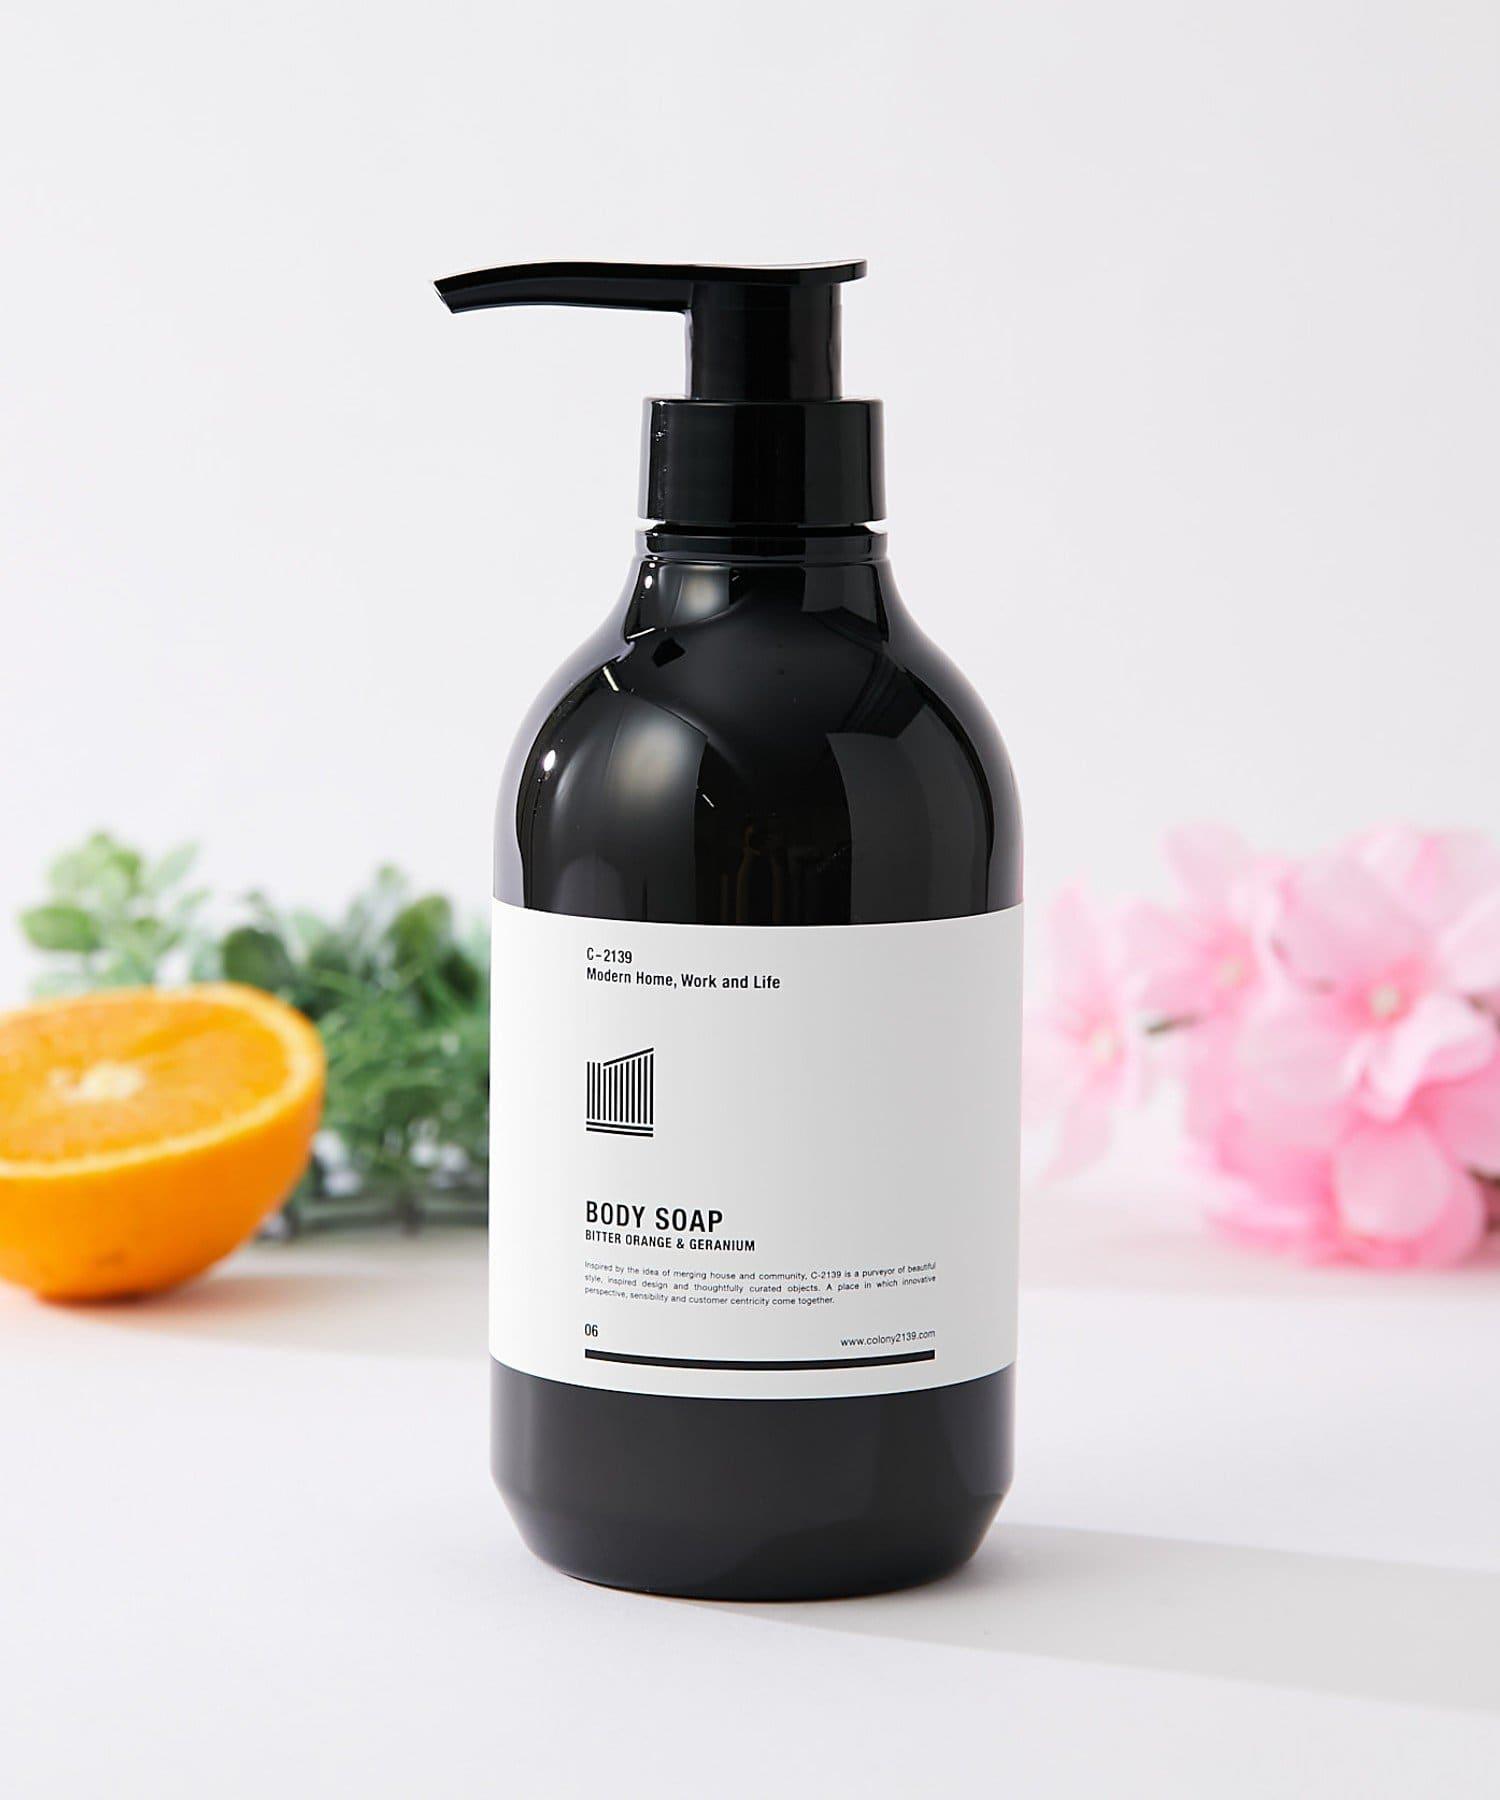 COLONY 2139(コロニー トゥーワンスリーナイン) ライフスタイル ボディソープ(ビターオレンジ&ゼラニウムの香り) ブラック